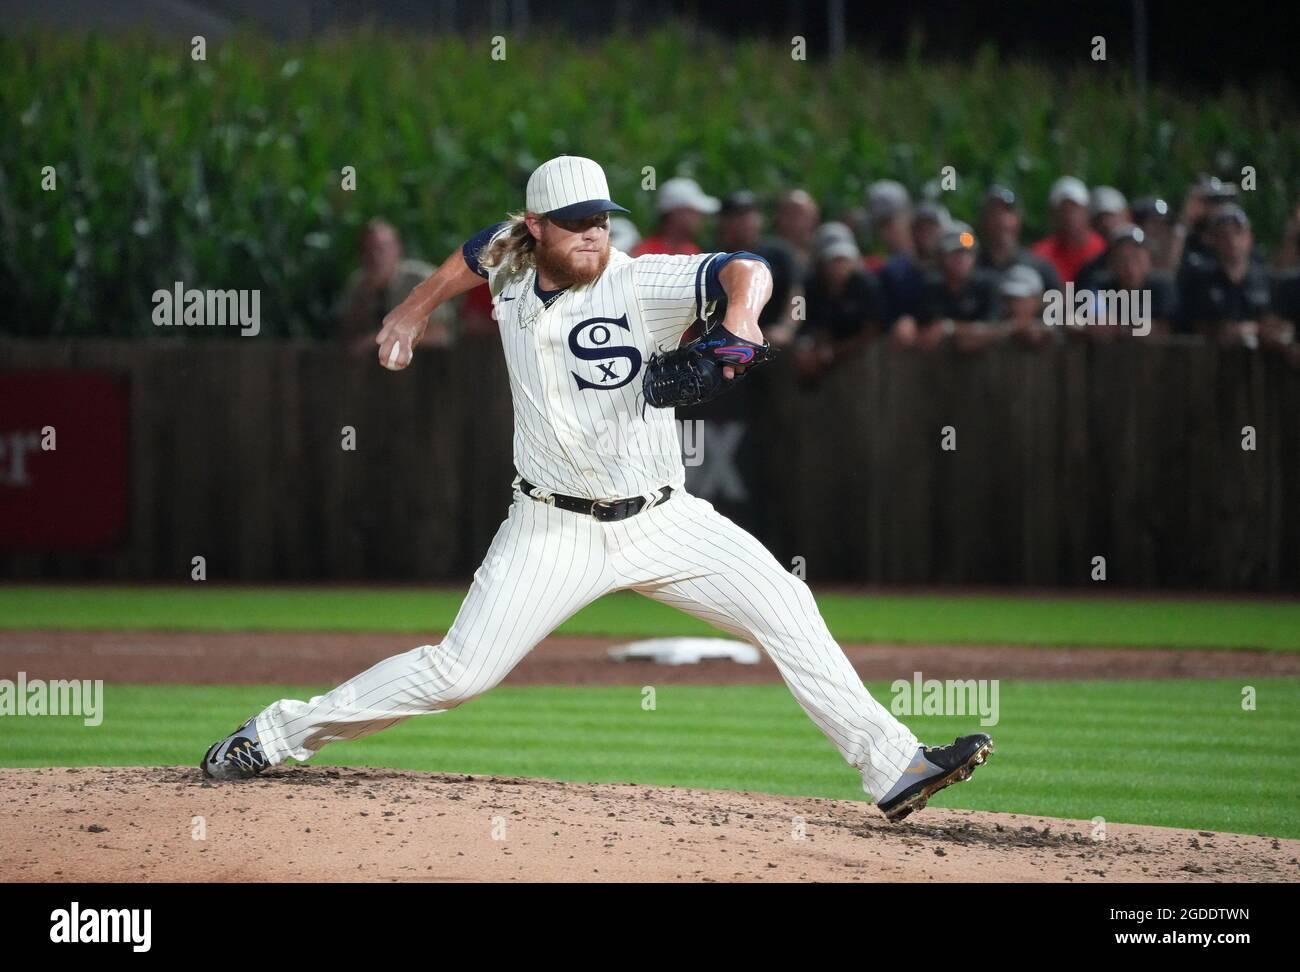 Dyersville, Usa. August 2021. Chicago White Sox Relief Pitcher Craig Kimbrel liefert an die New York Yankees während der achten Inning des MLB Field of Dreams Game in Dyersville, Iowa, Donnerstag, 12. August 2021. Foto von Pat Benic/UPI Credit: UPI/Alamy Live News Stockfoto